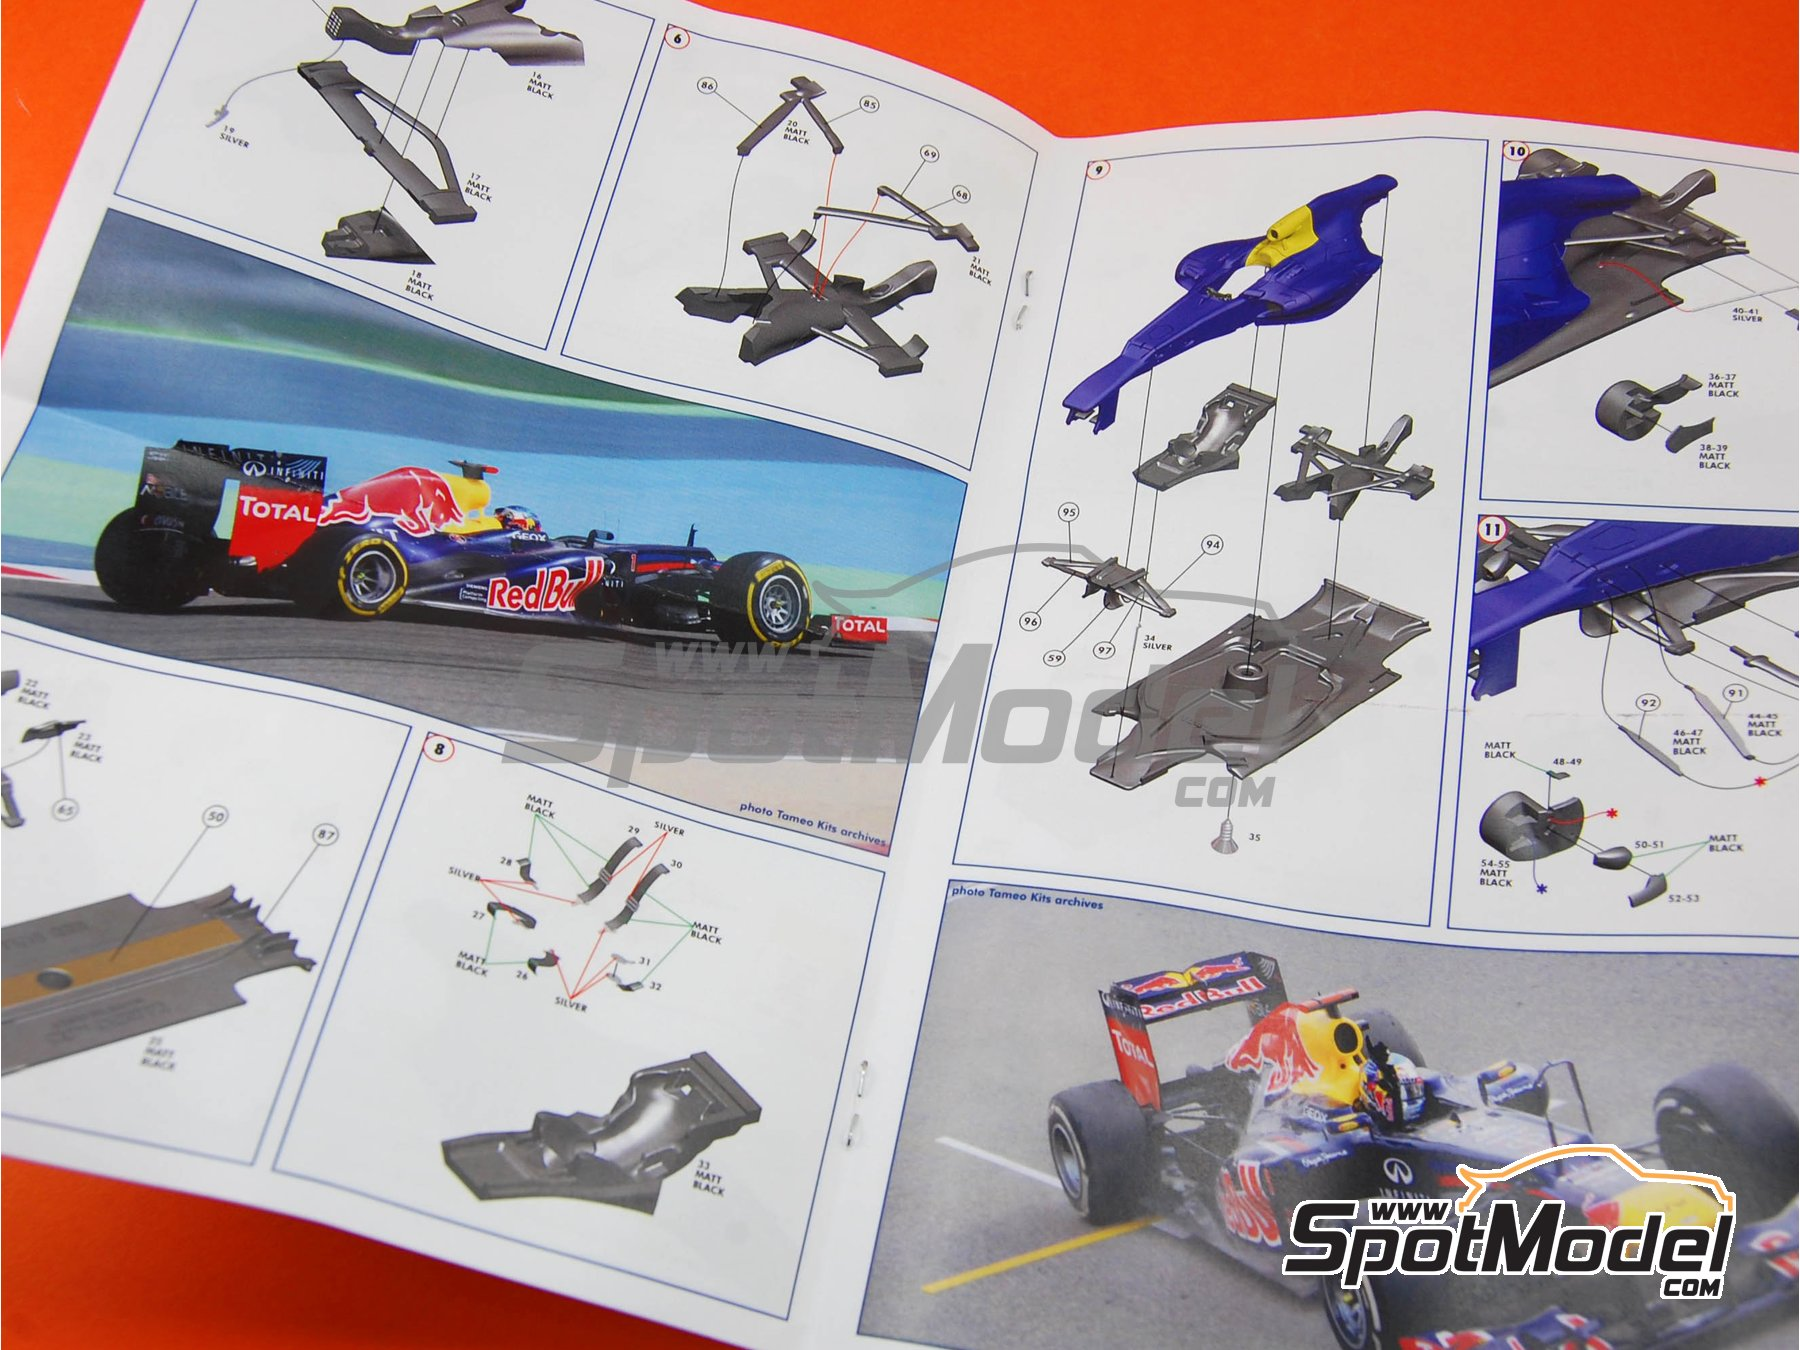 Image 4: RB Racing Renault RB8 - Gran Premio de Fórmula 1 de Bahrein 2012 | Maqueta de coche en escala1/43 fabricado por Tameo Kits (ref.TMK407)